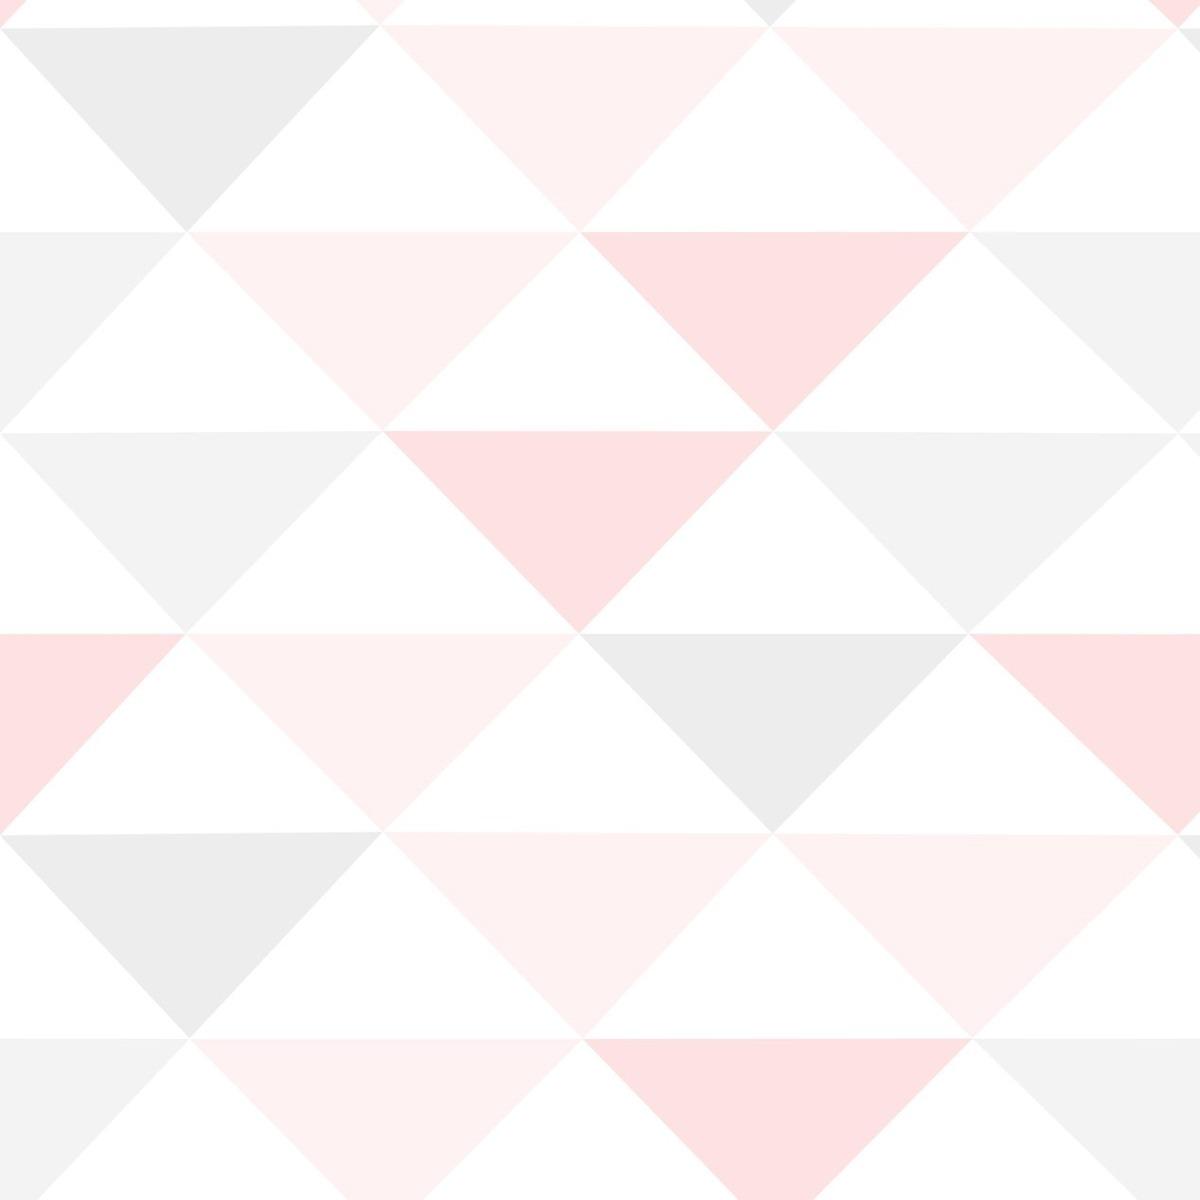 Papel adesivo de parede geom trico abstrato tons delicado - Papel infantil para paredes ...